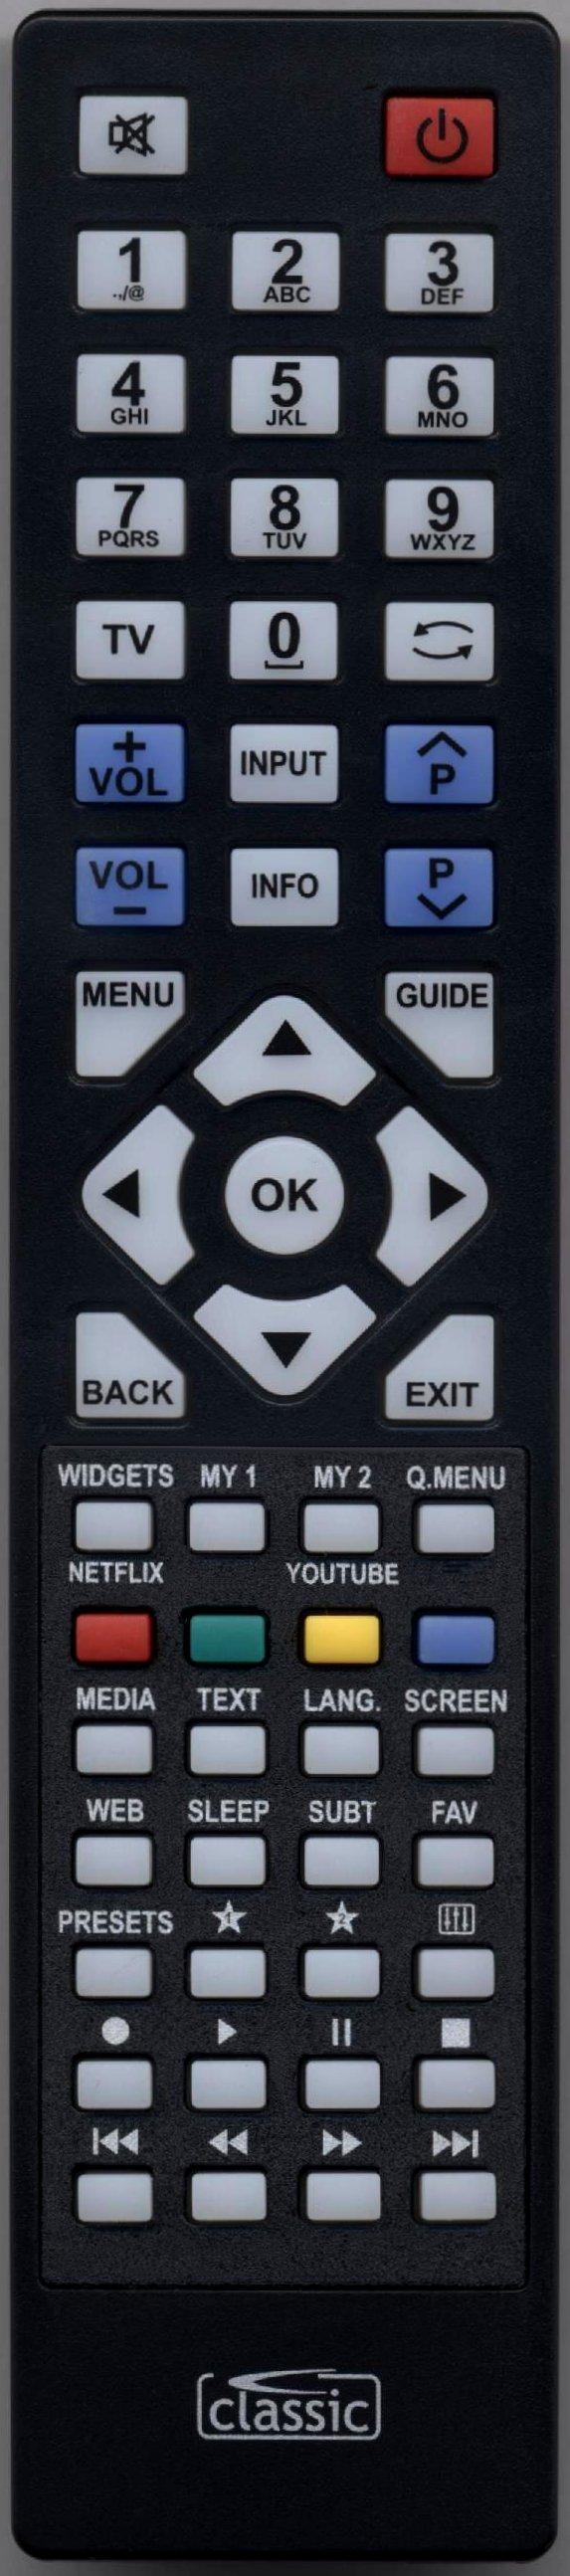 POLAROID P32D300 Remote Control Alternative